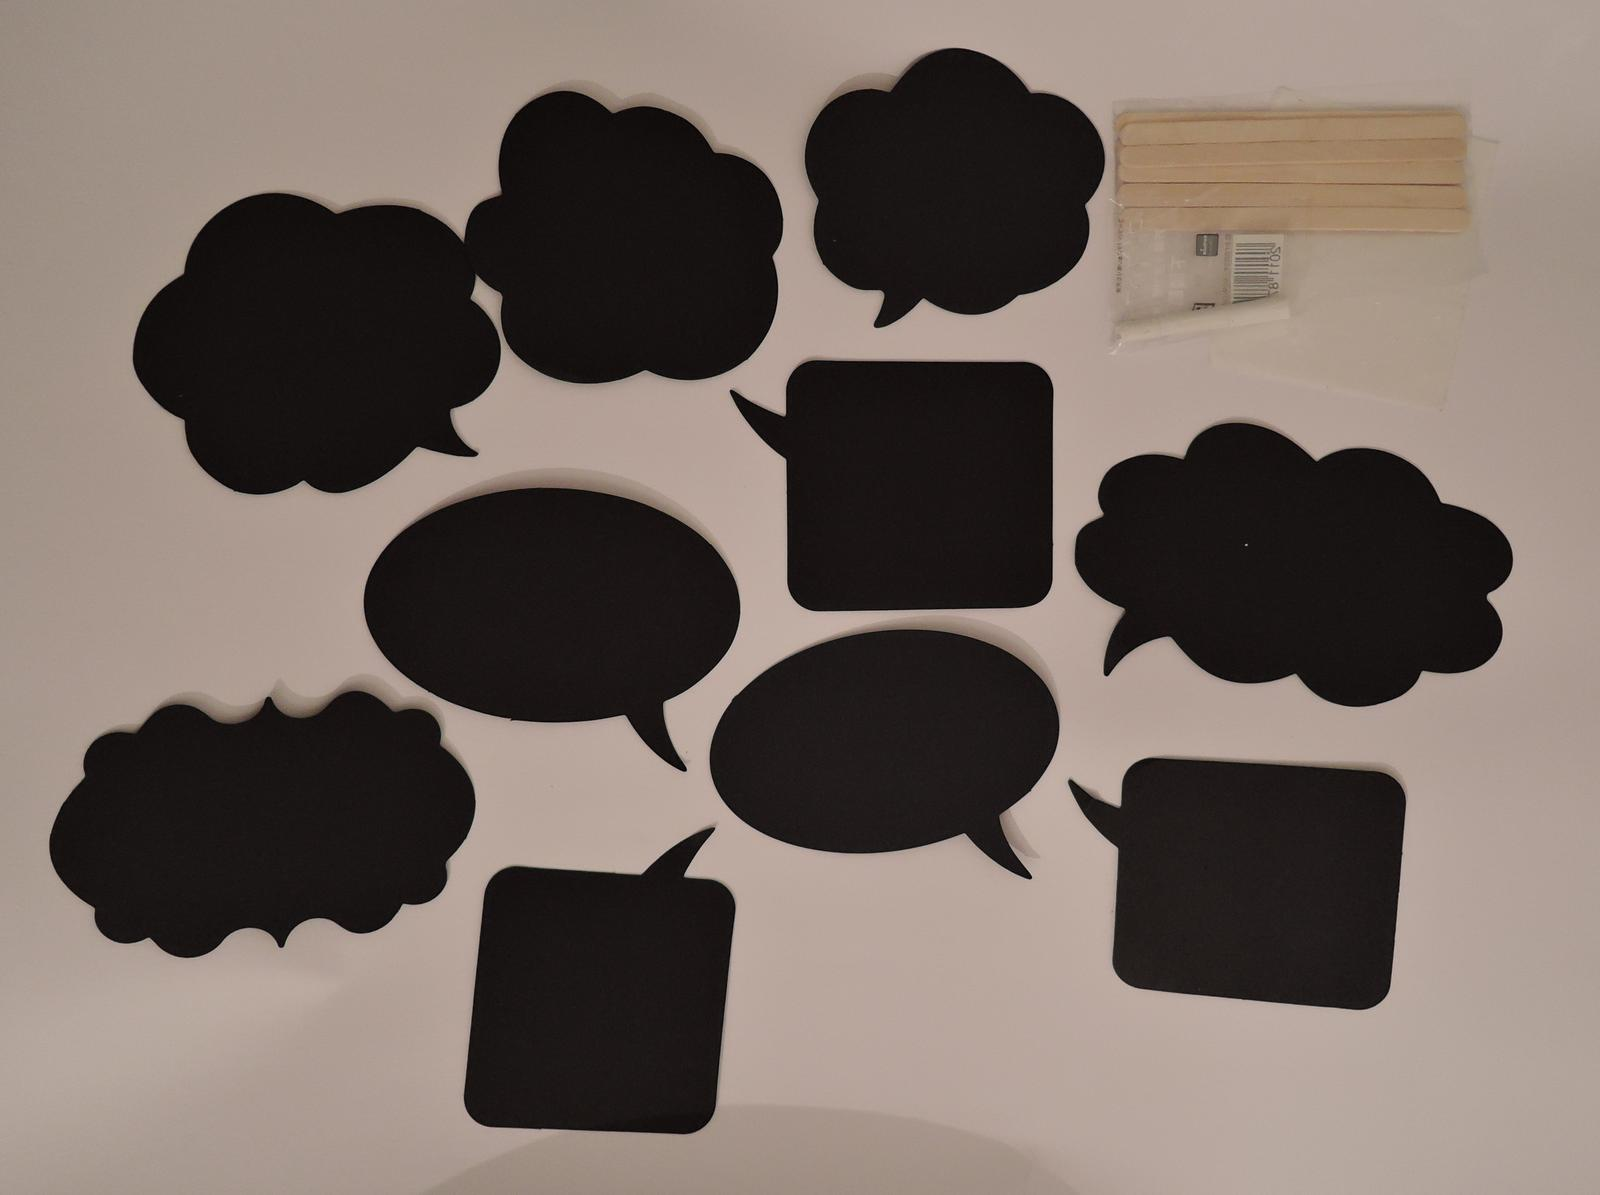 tabulky (cedulky) do fotokoutku - Obrázek č. 1